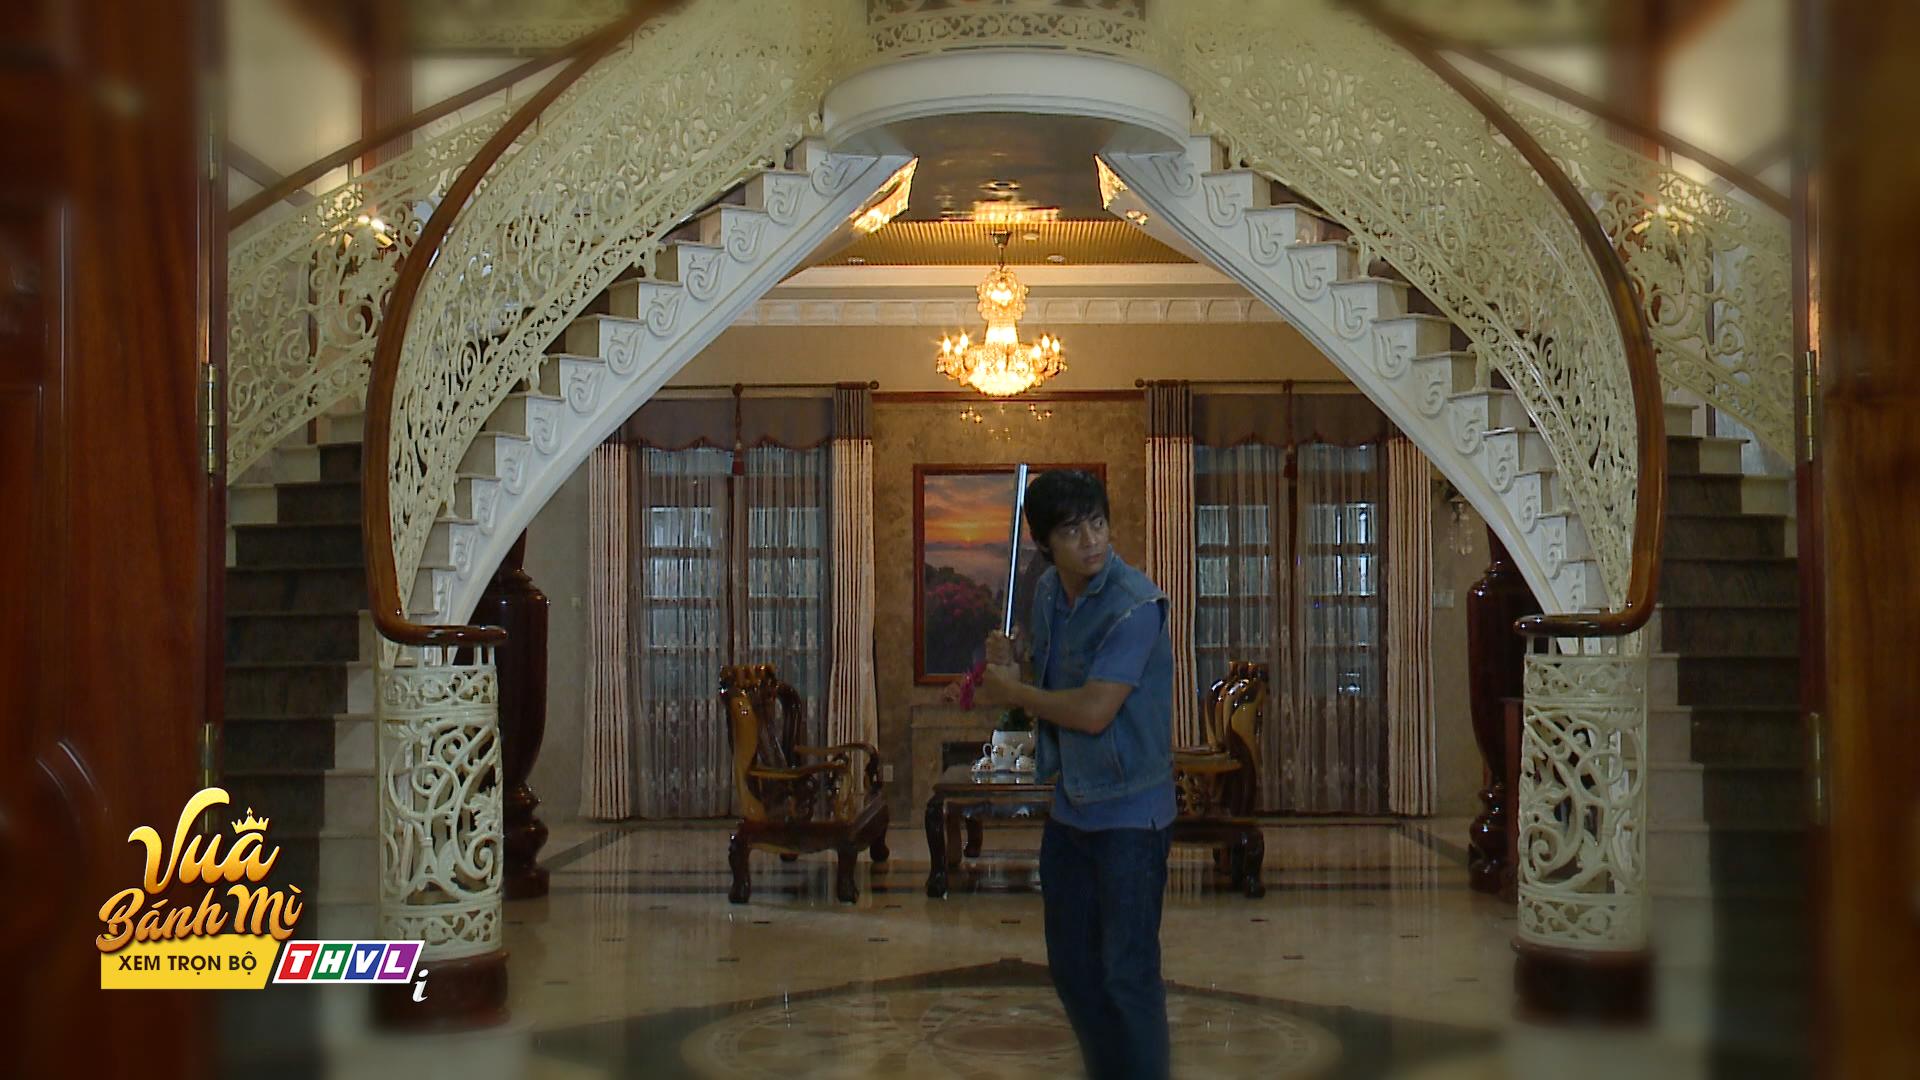 'Vua bánh mì' tập 26: 'Không ai cho lương thiện', Hữu Nguyệnleo rào đột nhập nhà bà Khuê để trả thù 5